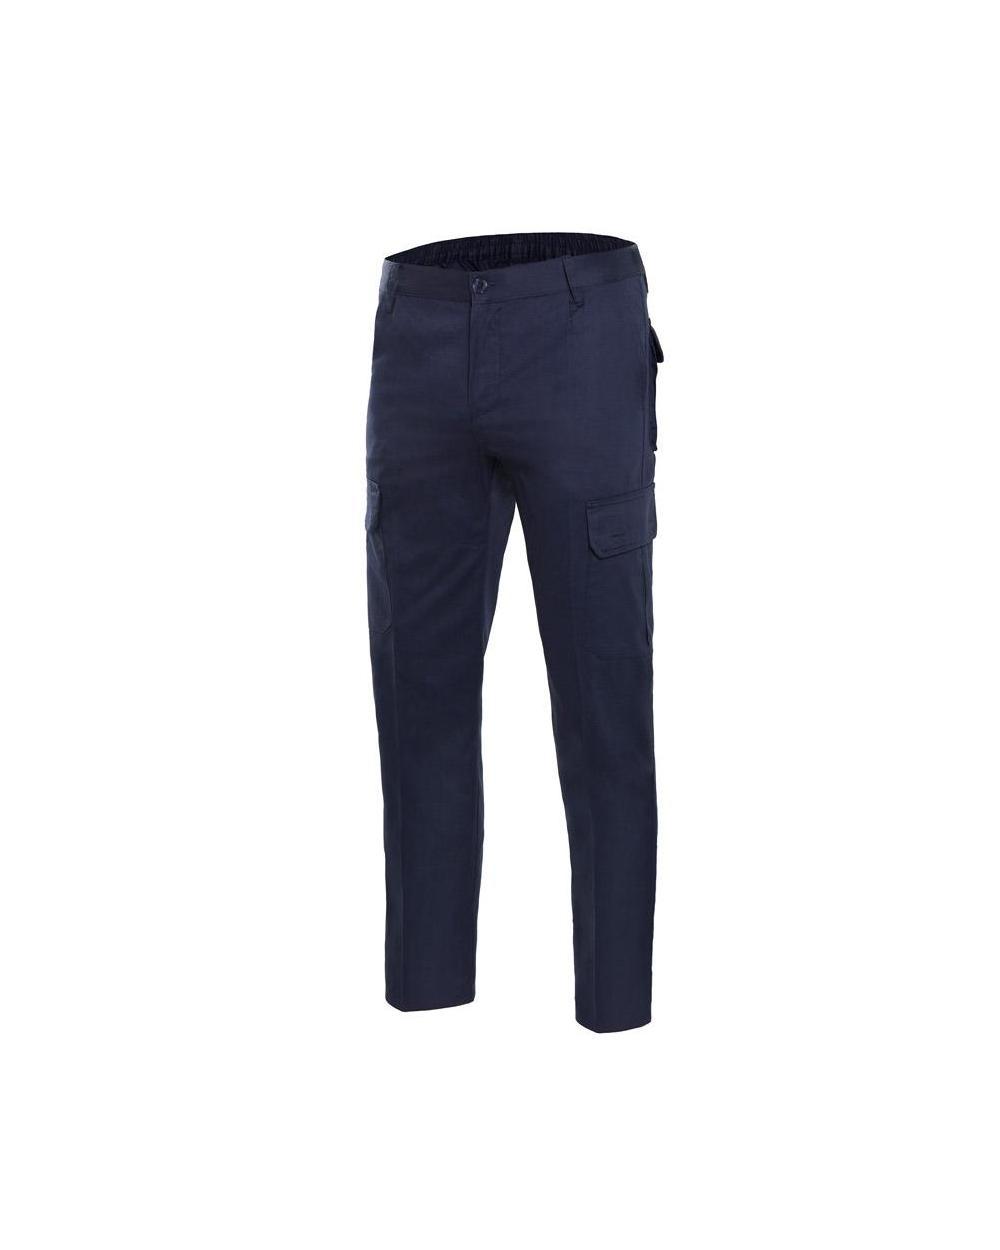 Comprar Pantalón 100% algodon multibolsillos serie 103003 online barato Azul Navy